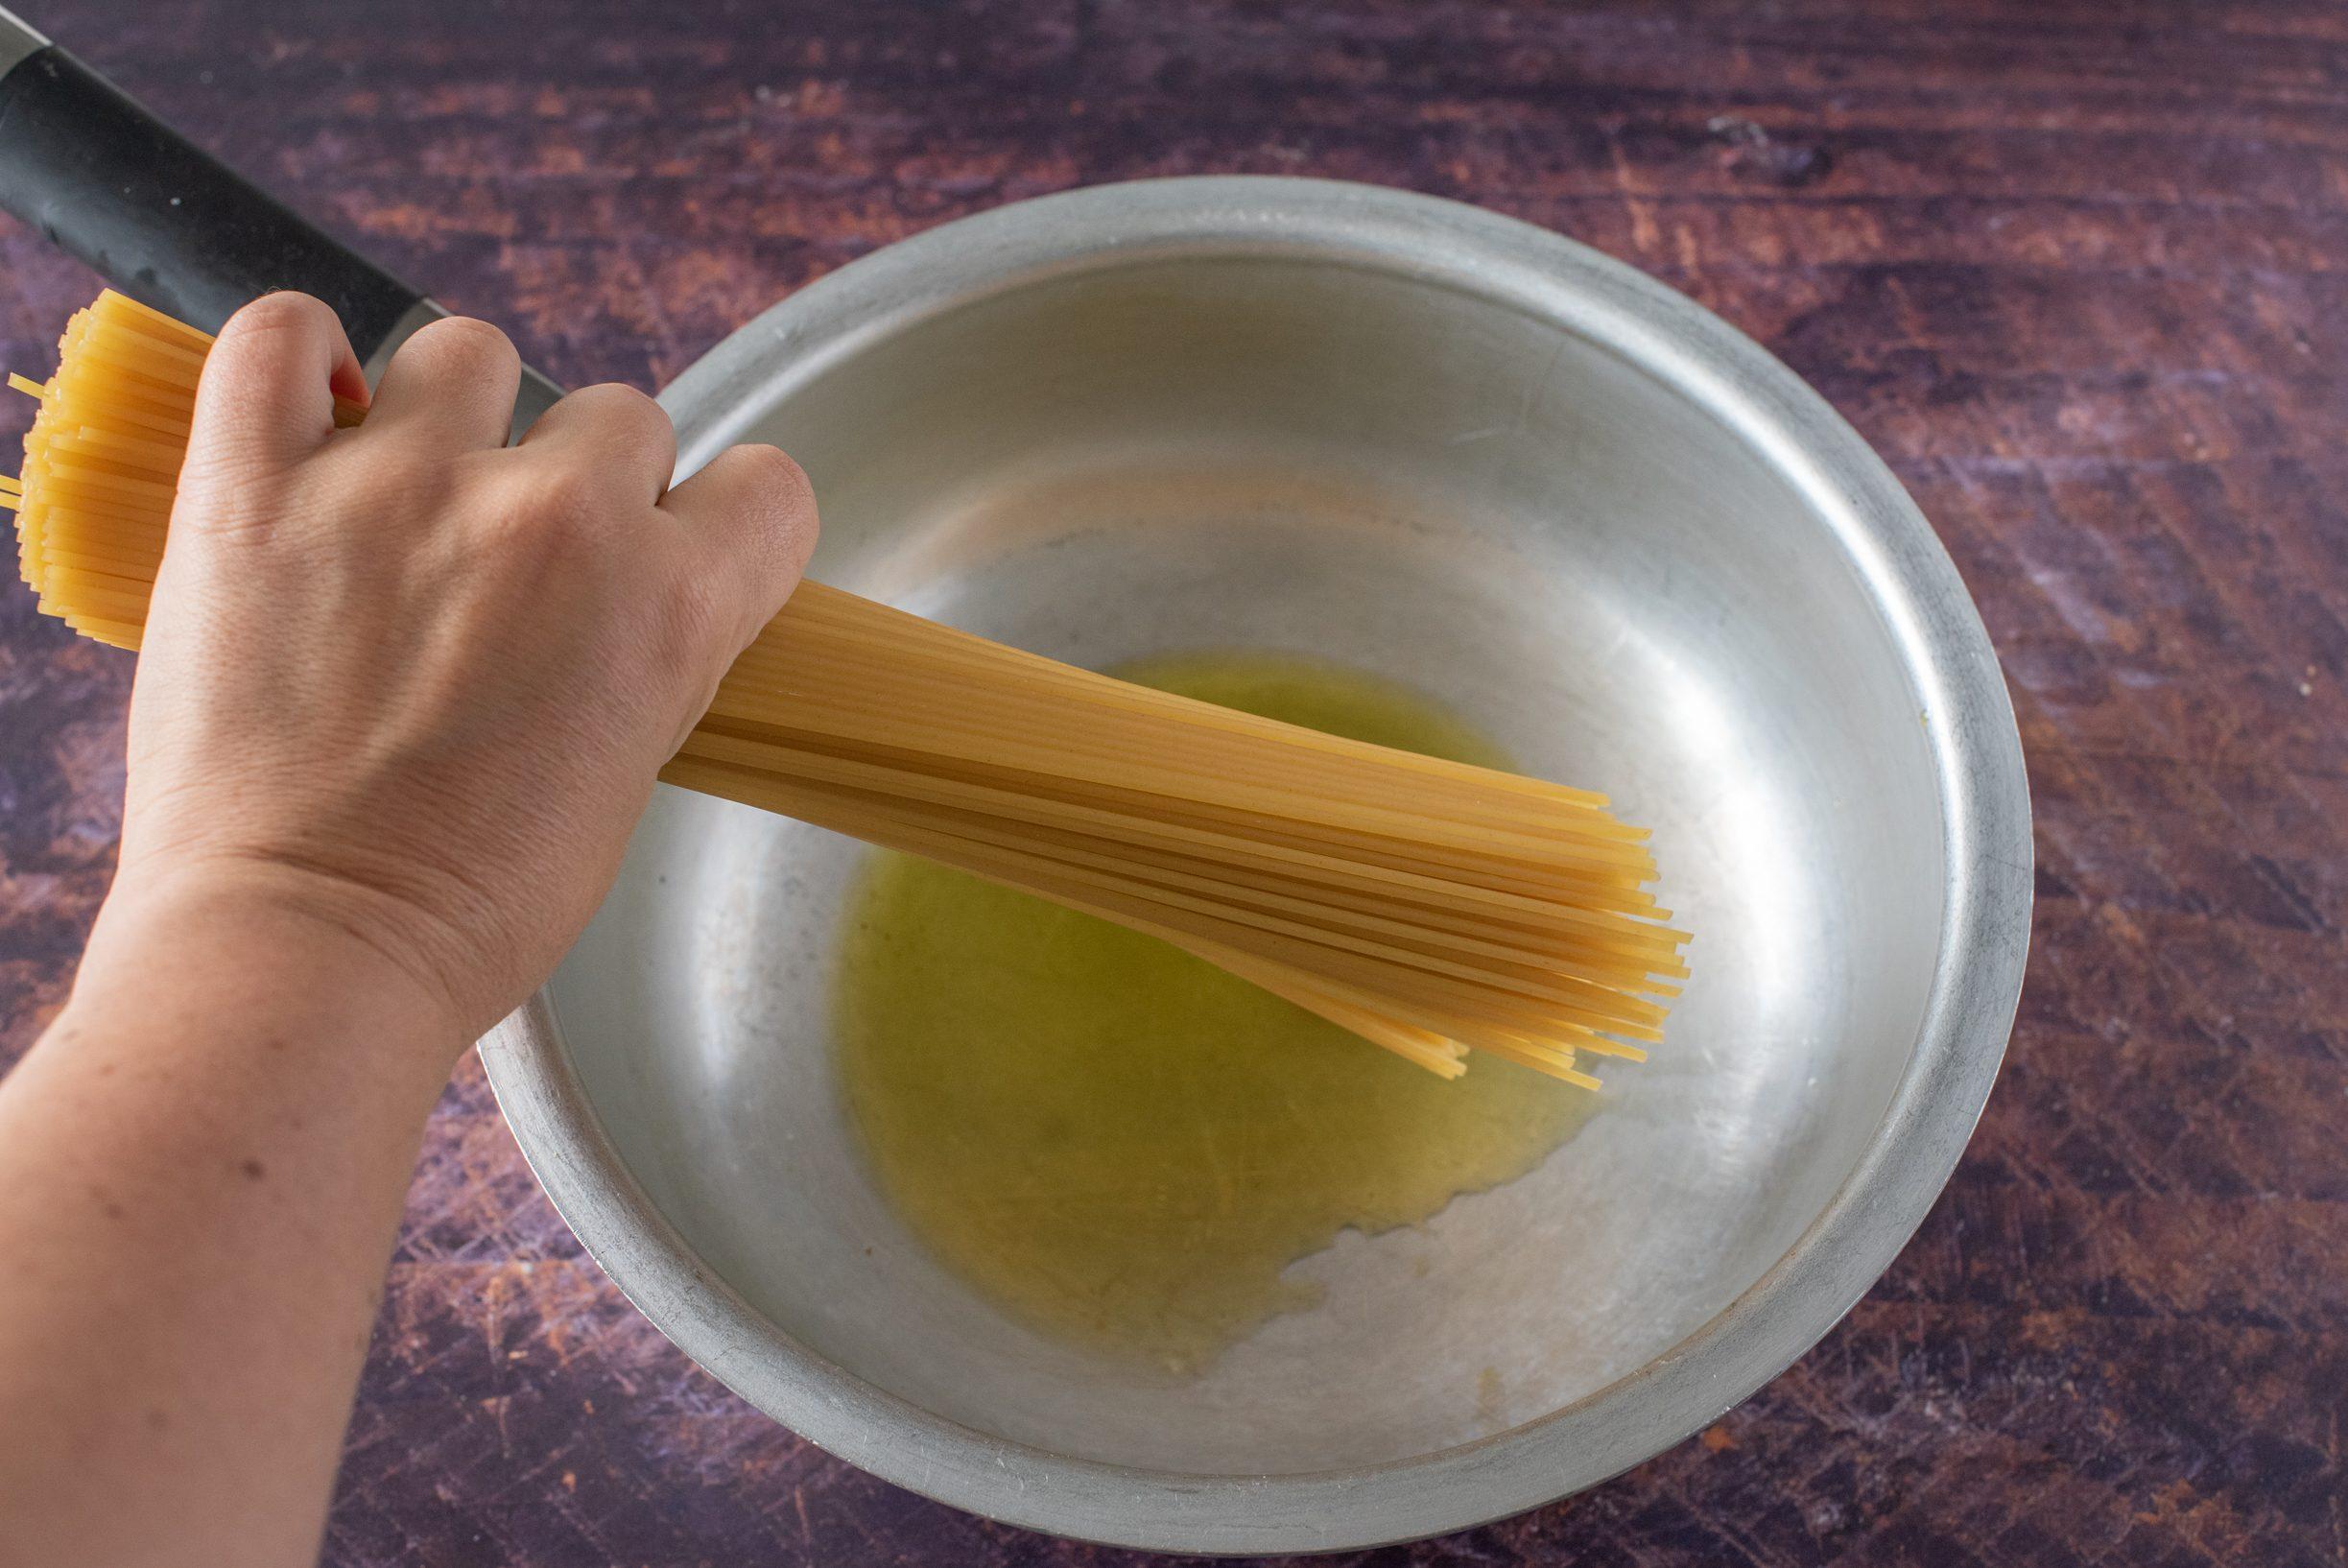 Spaghetti all'assassina, mettete gli spaghetti in pentola